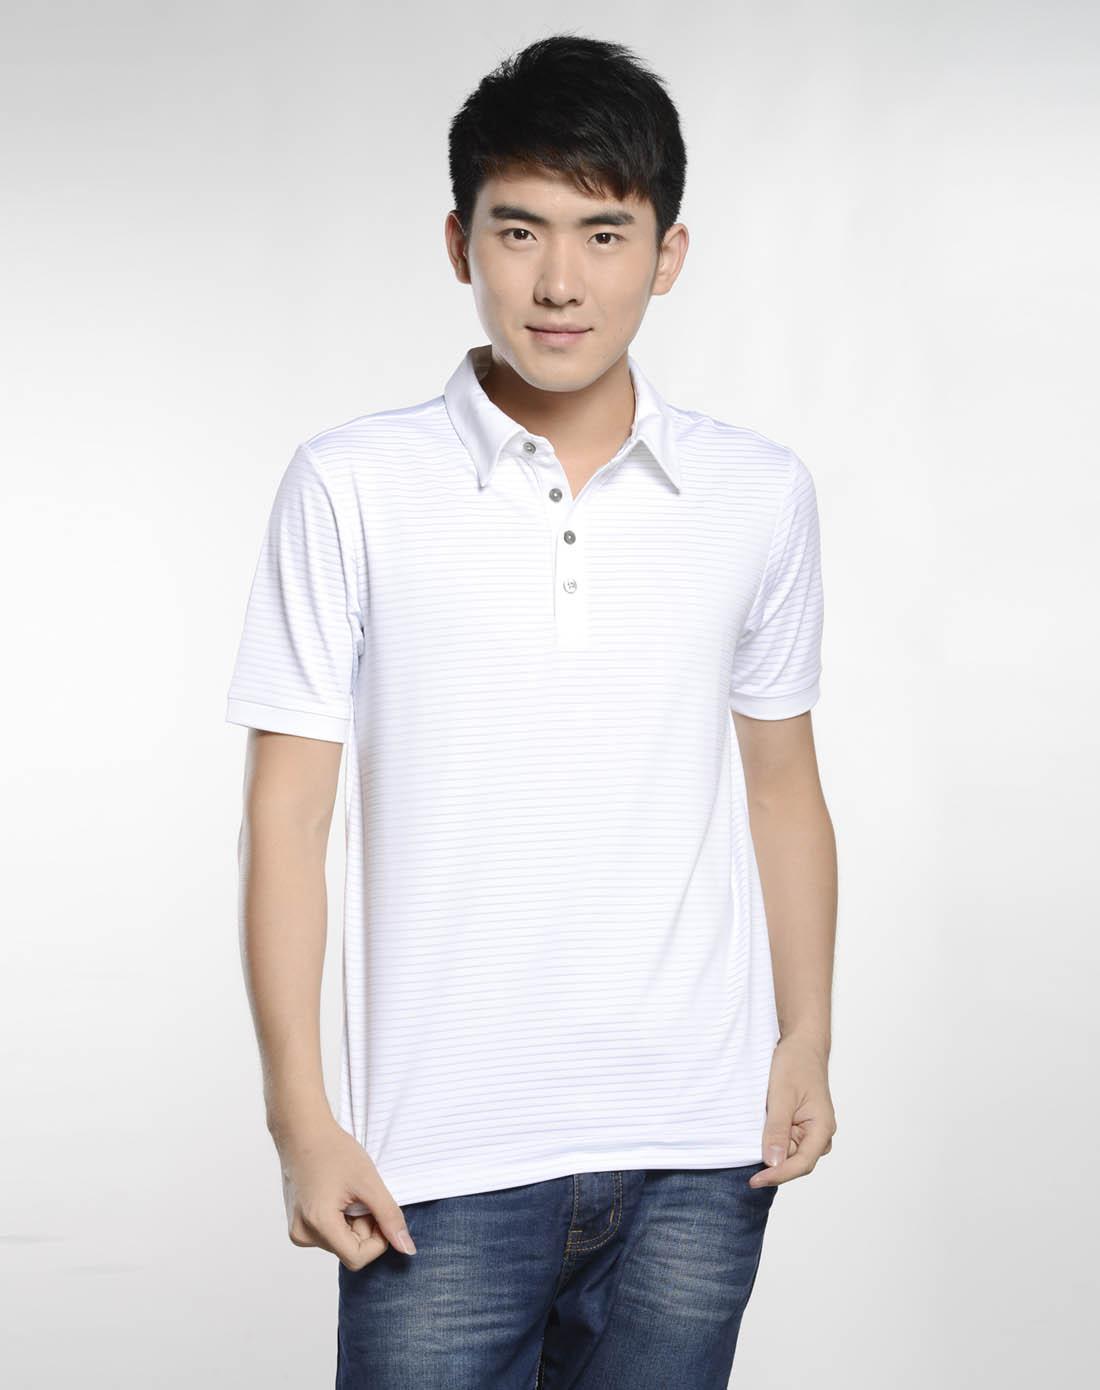 阿迪达斯adidas男女装混合专场-男子白色短袖polo衫